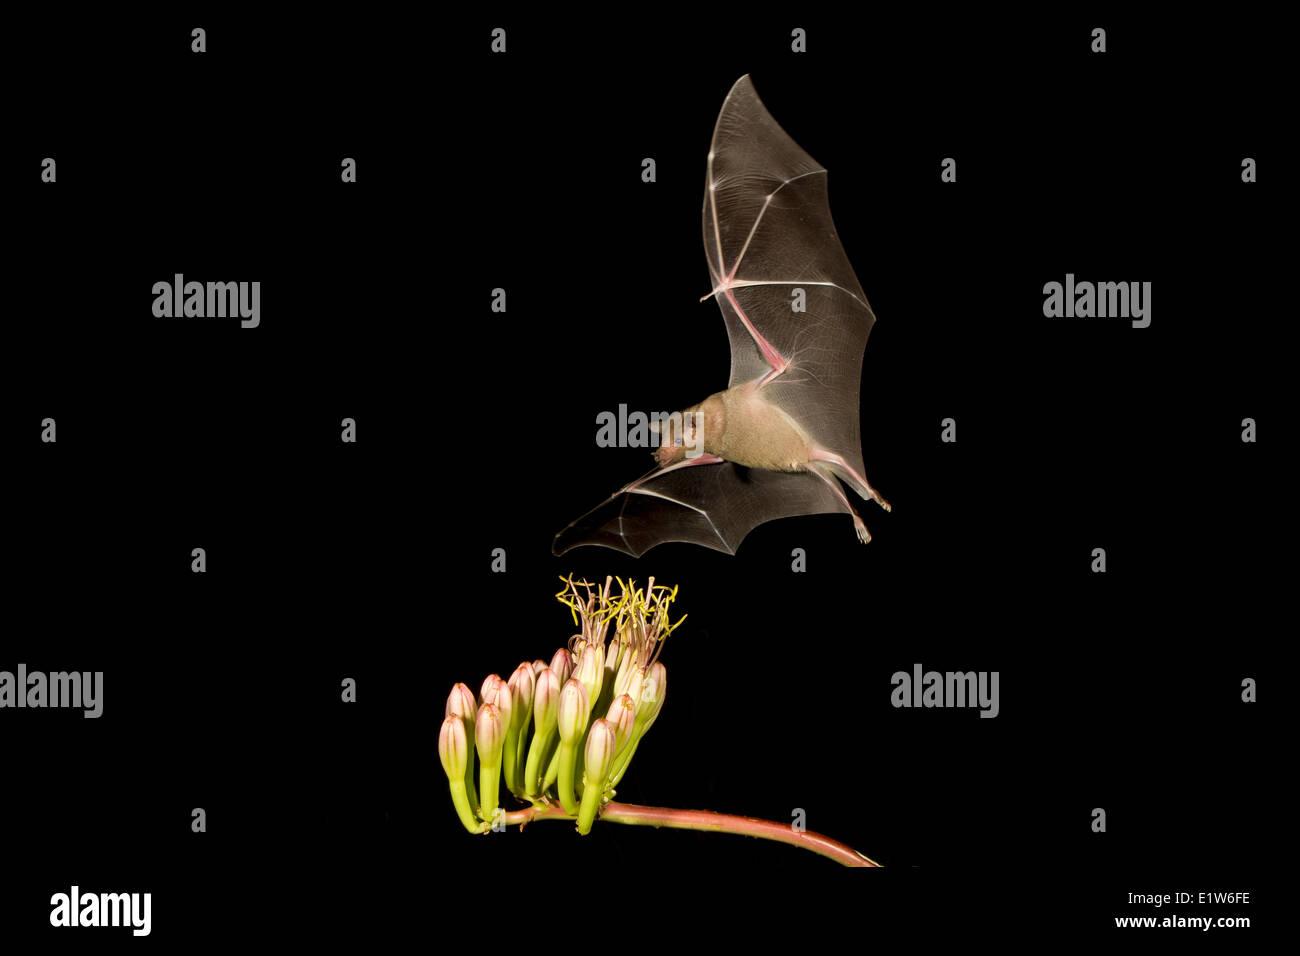 Geringerem Langnasen-Fledermaus (Leptonycteris Yerbabuenae), ernähren sich von Agave Blume, Amado, Arizona. Diese Fledermaus ist so verwundbar aufgeführt. Stockfoto